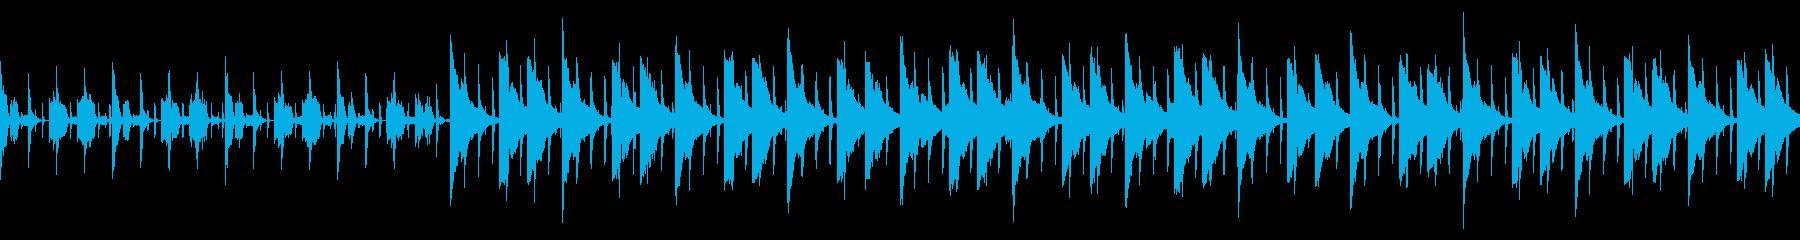 シリアスなシーンでの会話中のBGMの再生済みの波形